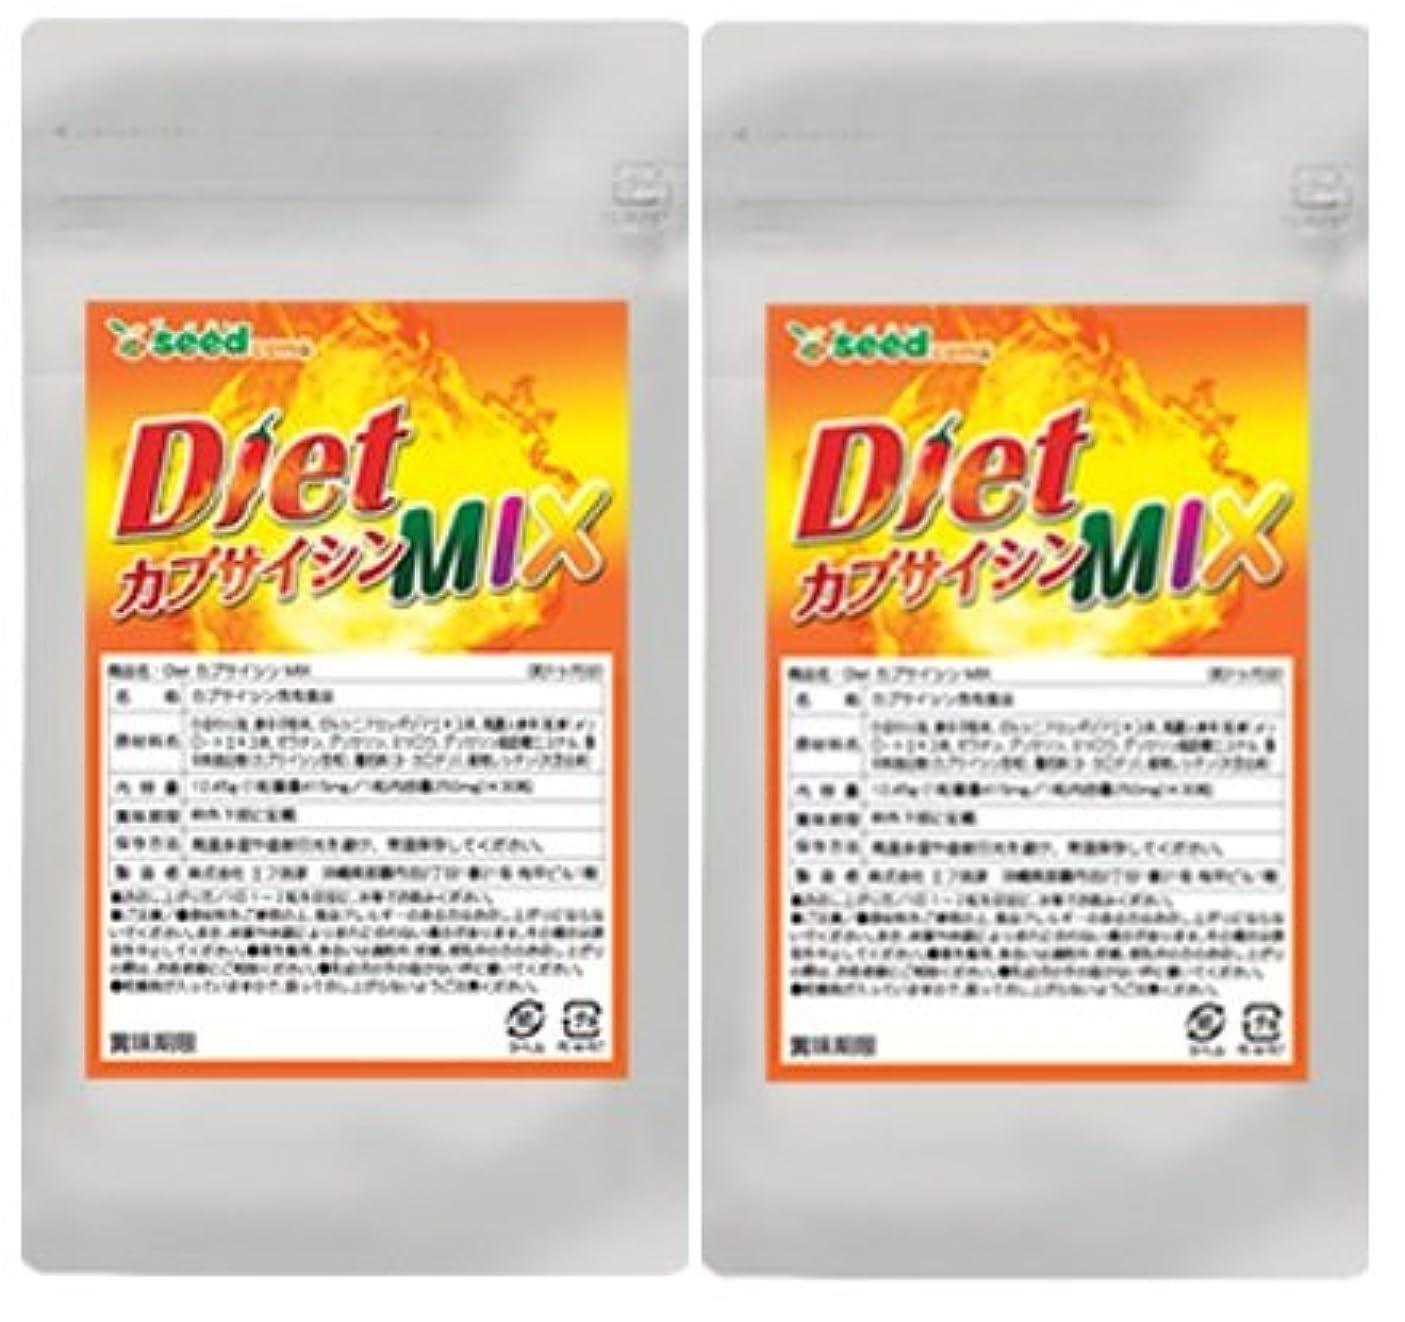 ムス花火階下【 seedcoms シードコムス 公式 】Diet カプサイシン MIX (約6ケ月分) メリロート、高麗人参もプラス